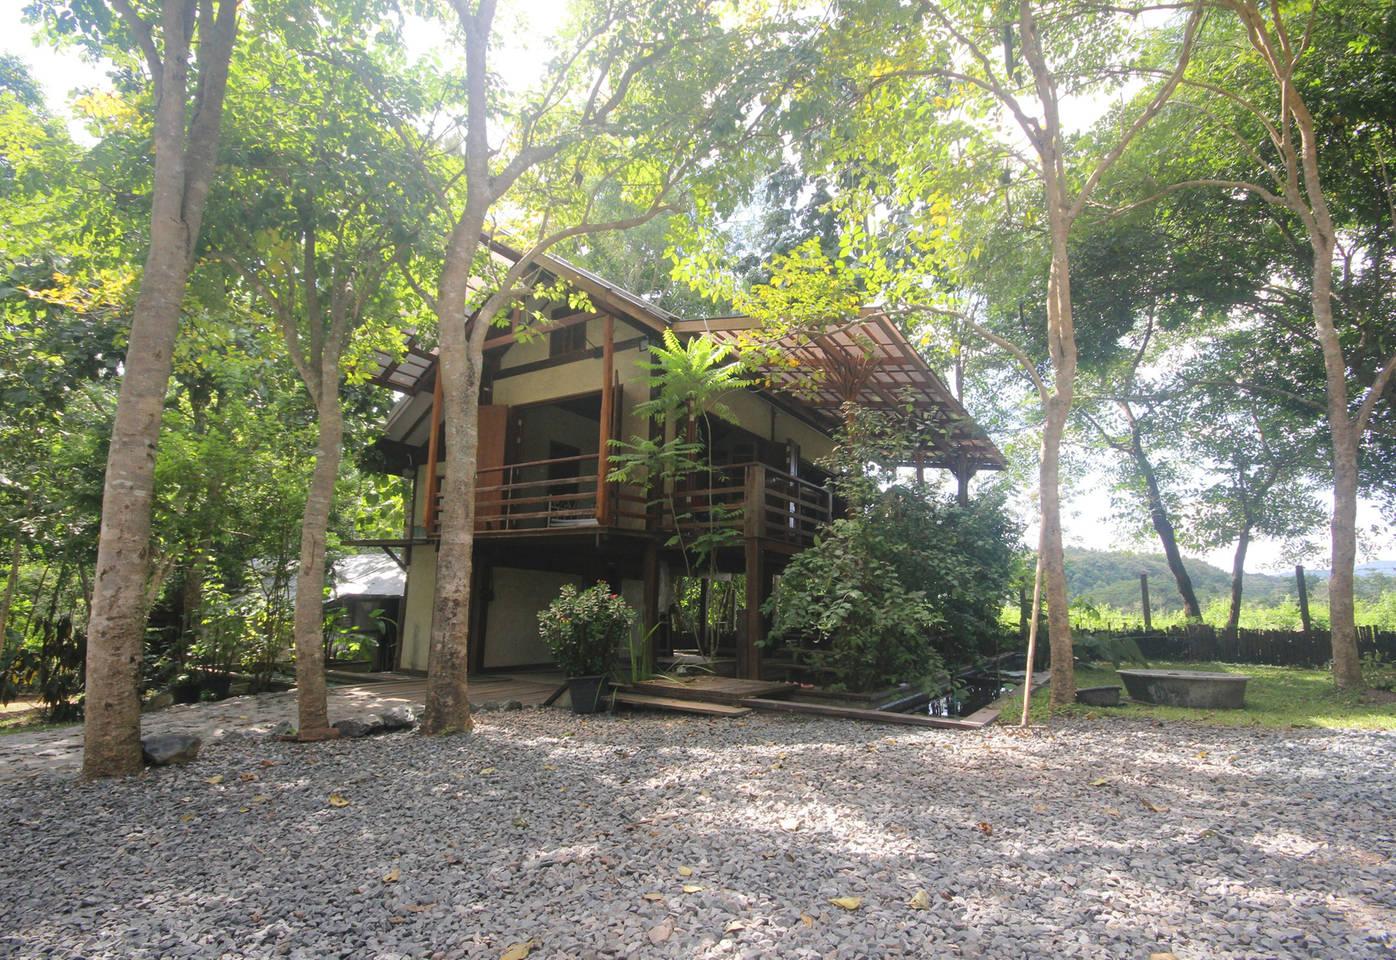 บ้านไม้ยกพื้น สงบร่มเย็น ล้อมรอบด้วยบ่อน้ำและต้นไม้สูง